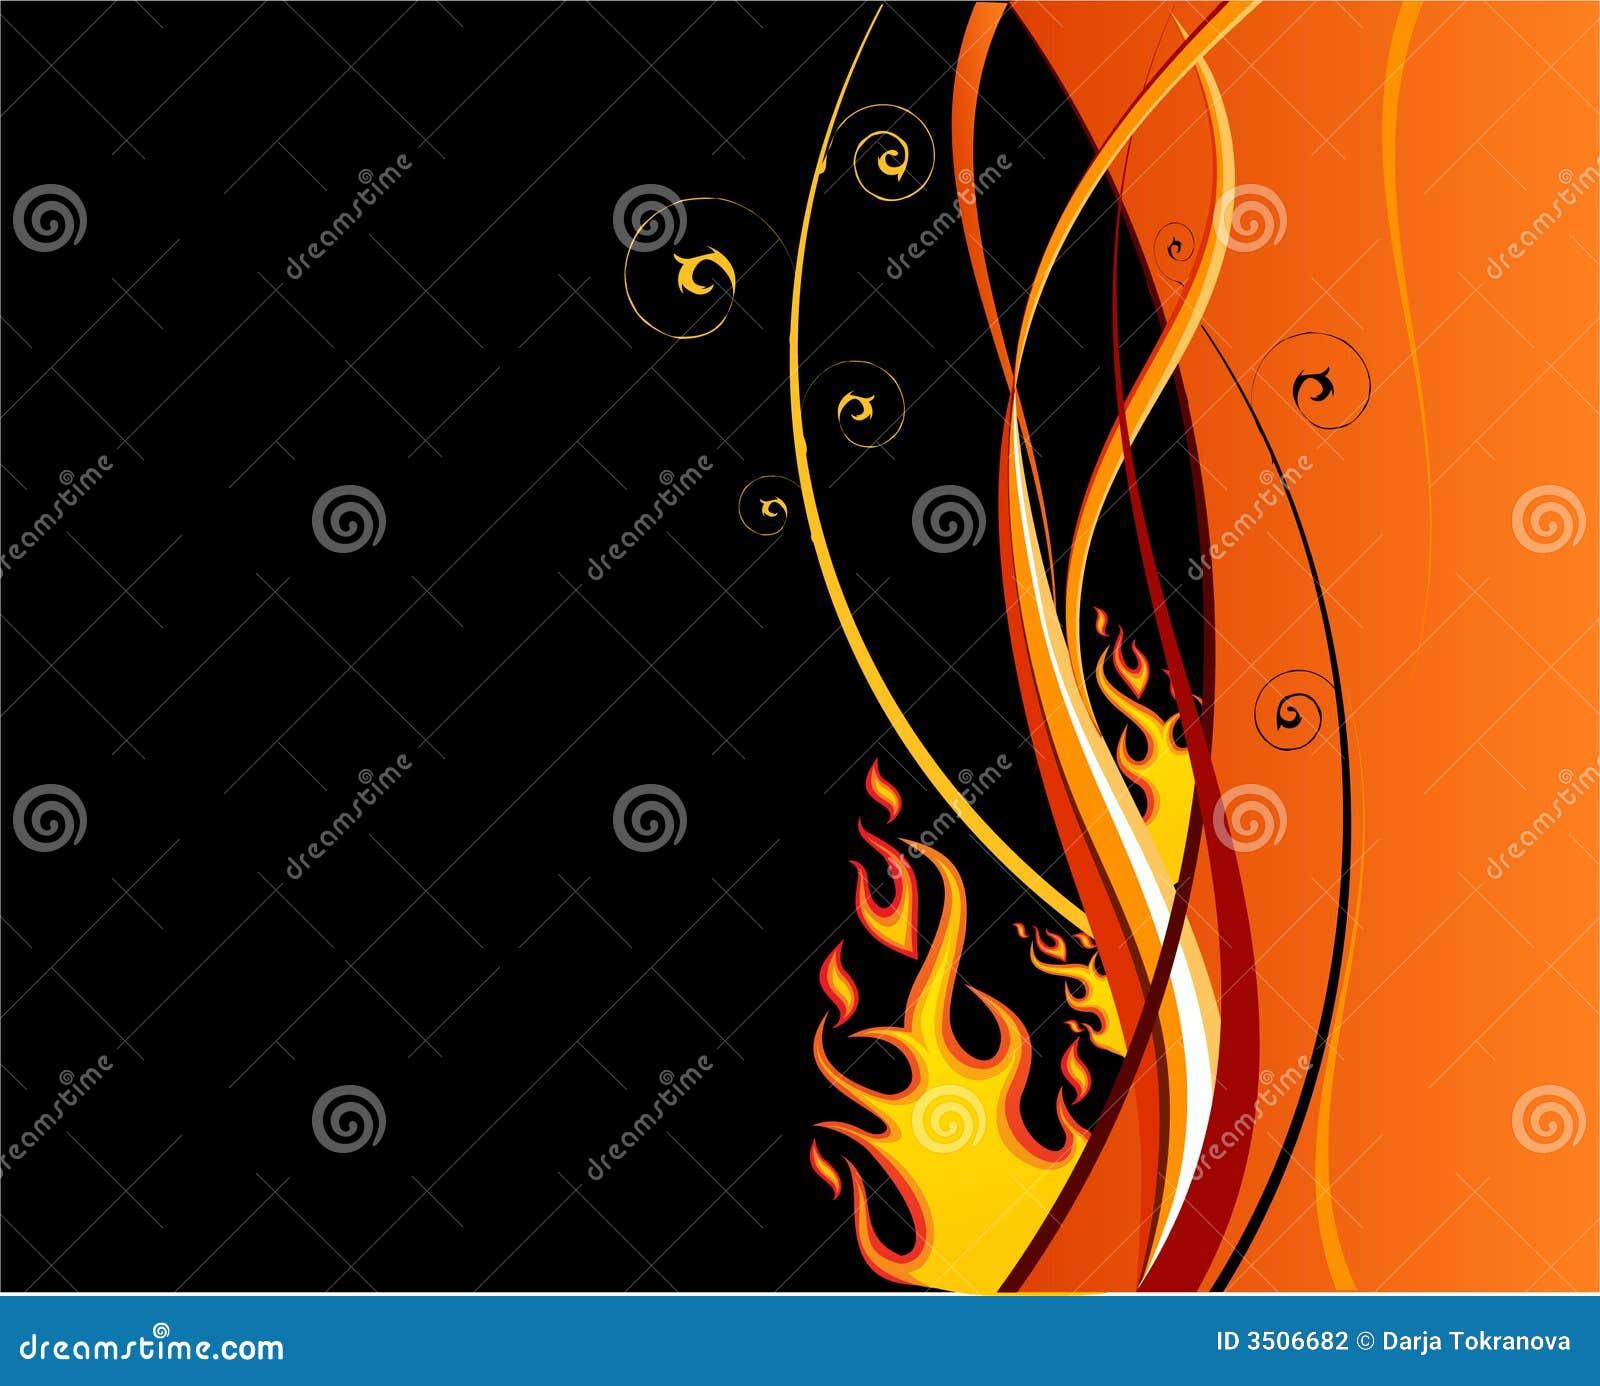 Het ontwerp van de brand